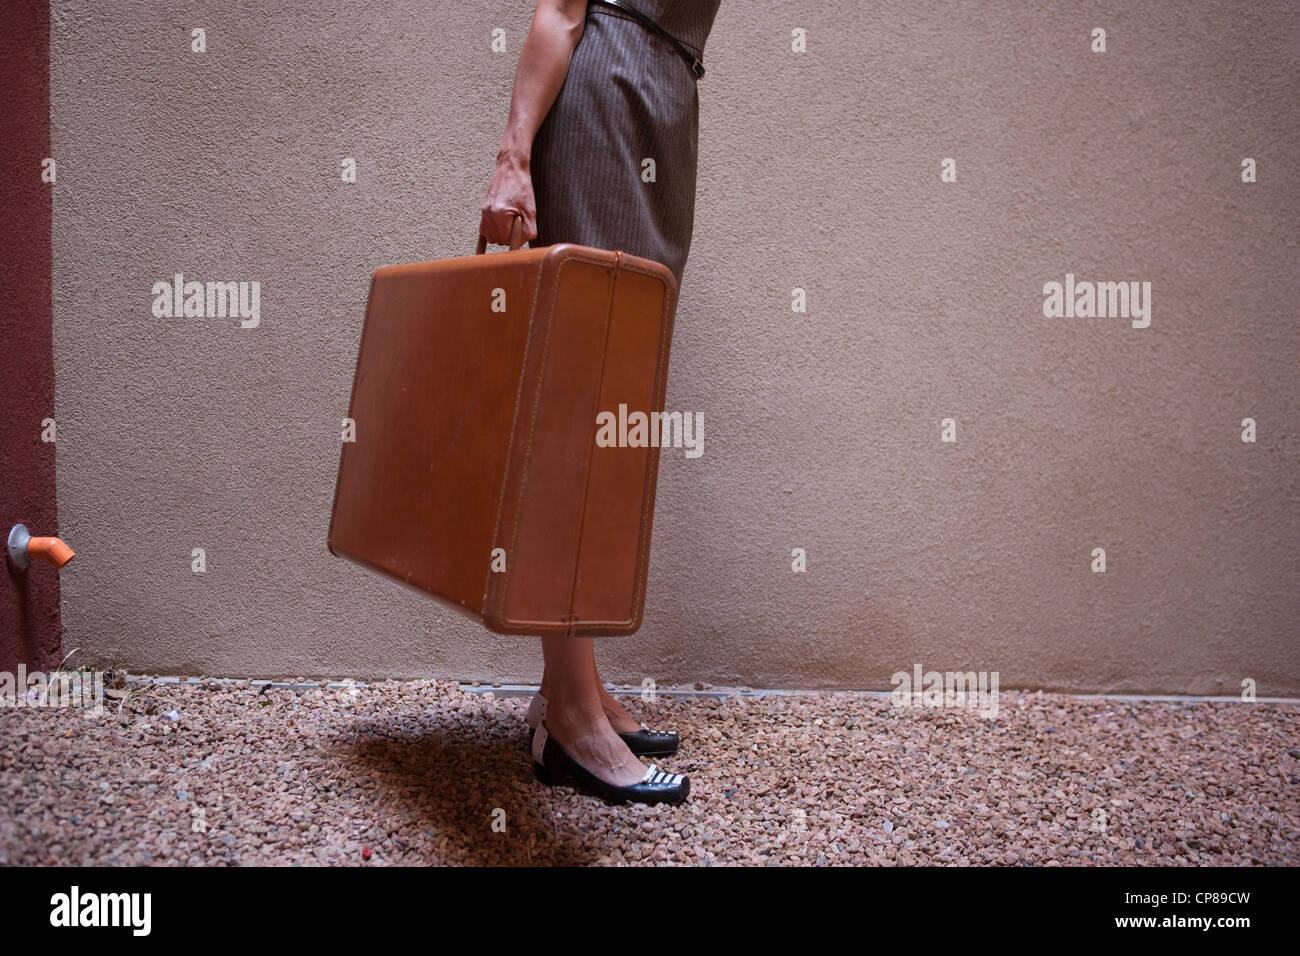 Femme portant une valise vintage. Photo Stock